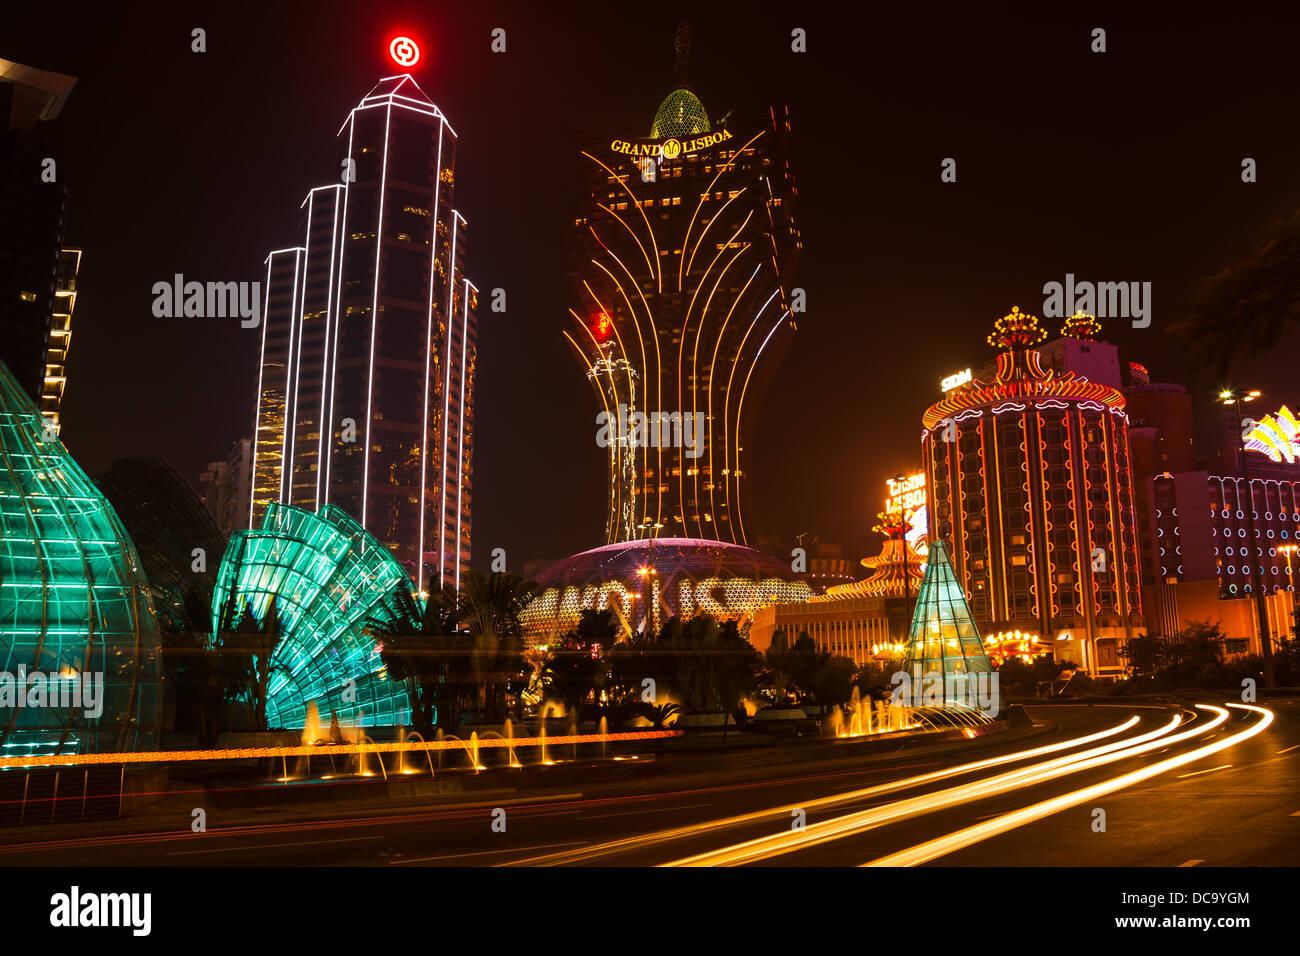 Vista de noche del Grand Lisboa casino en Macao, China. Imagen De Stock